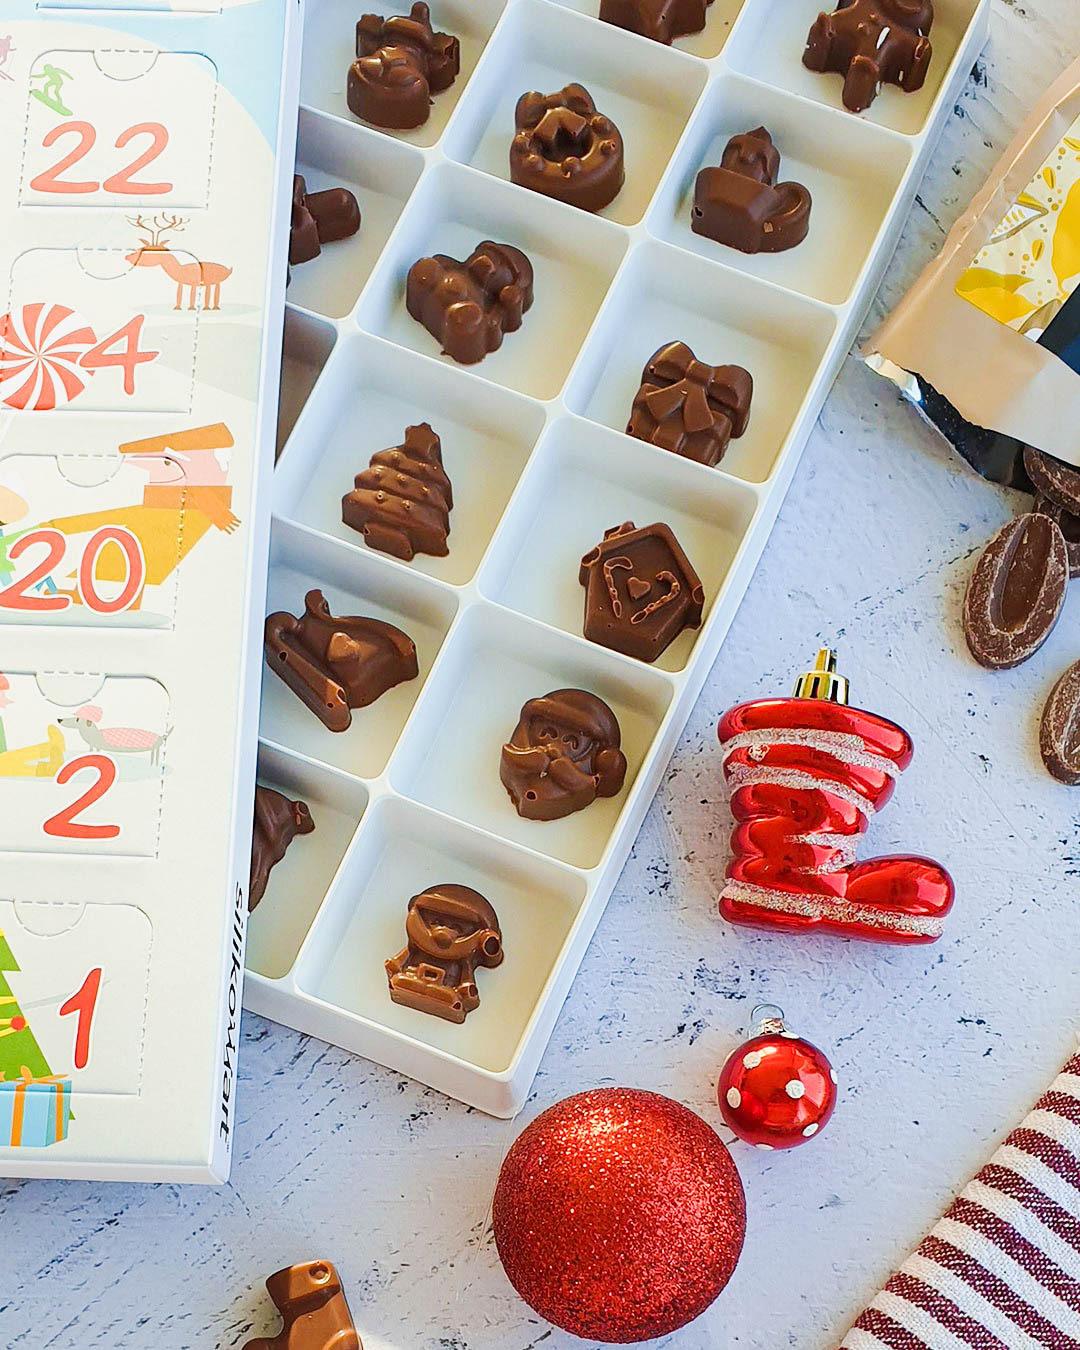 chocolat calendrier de l'avent